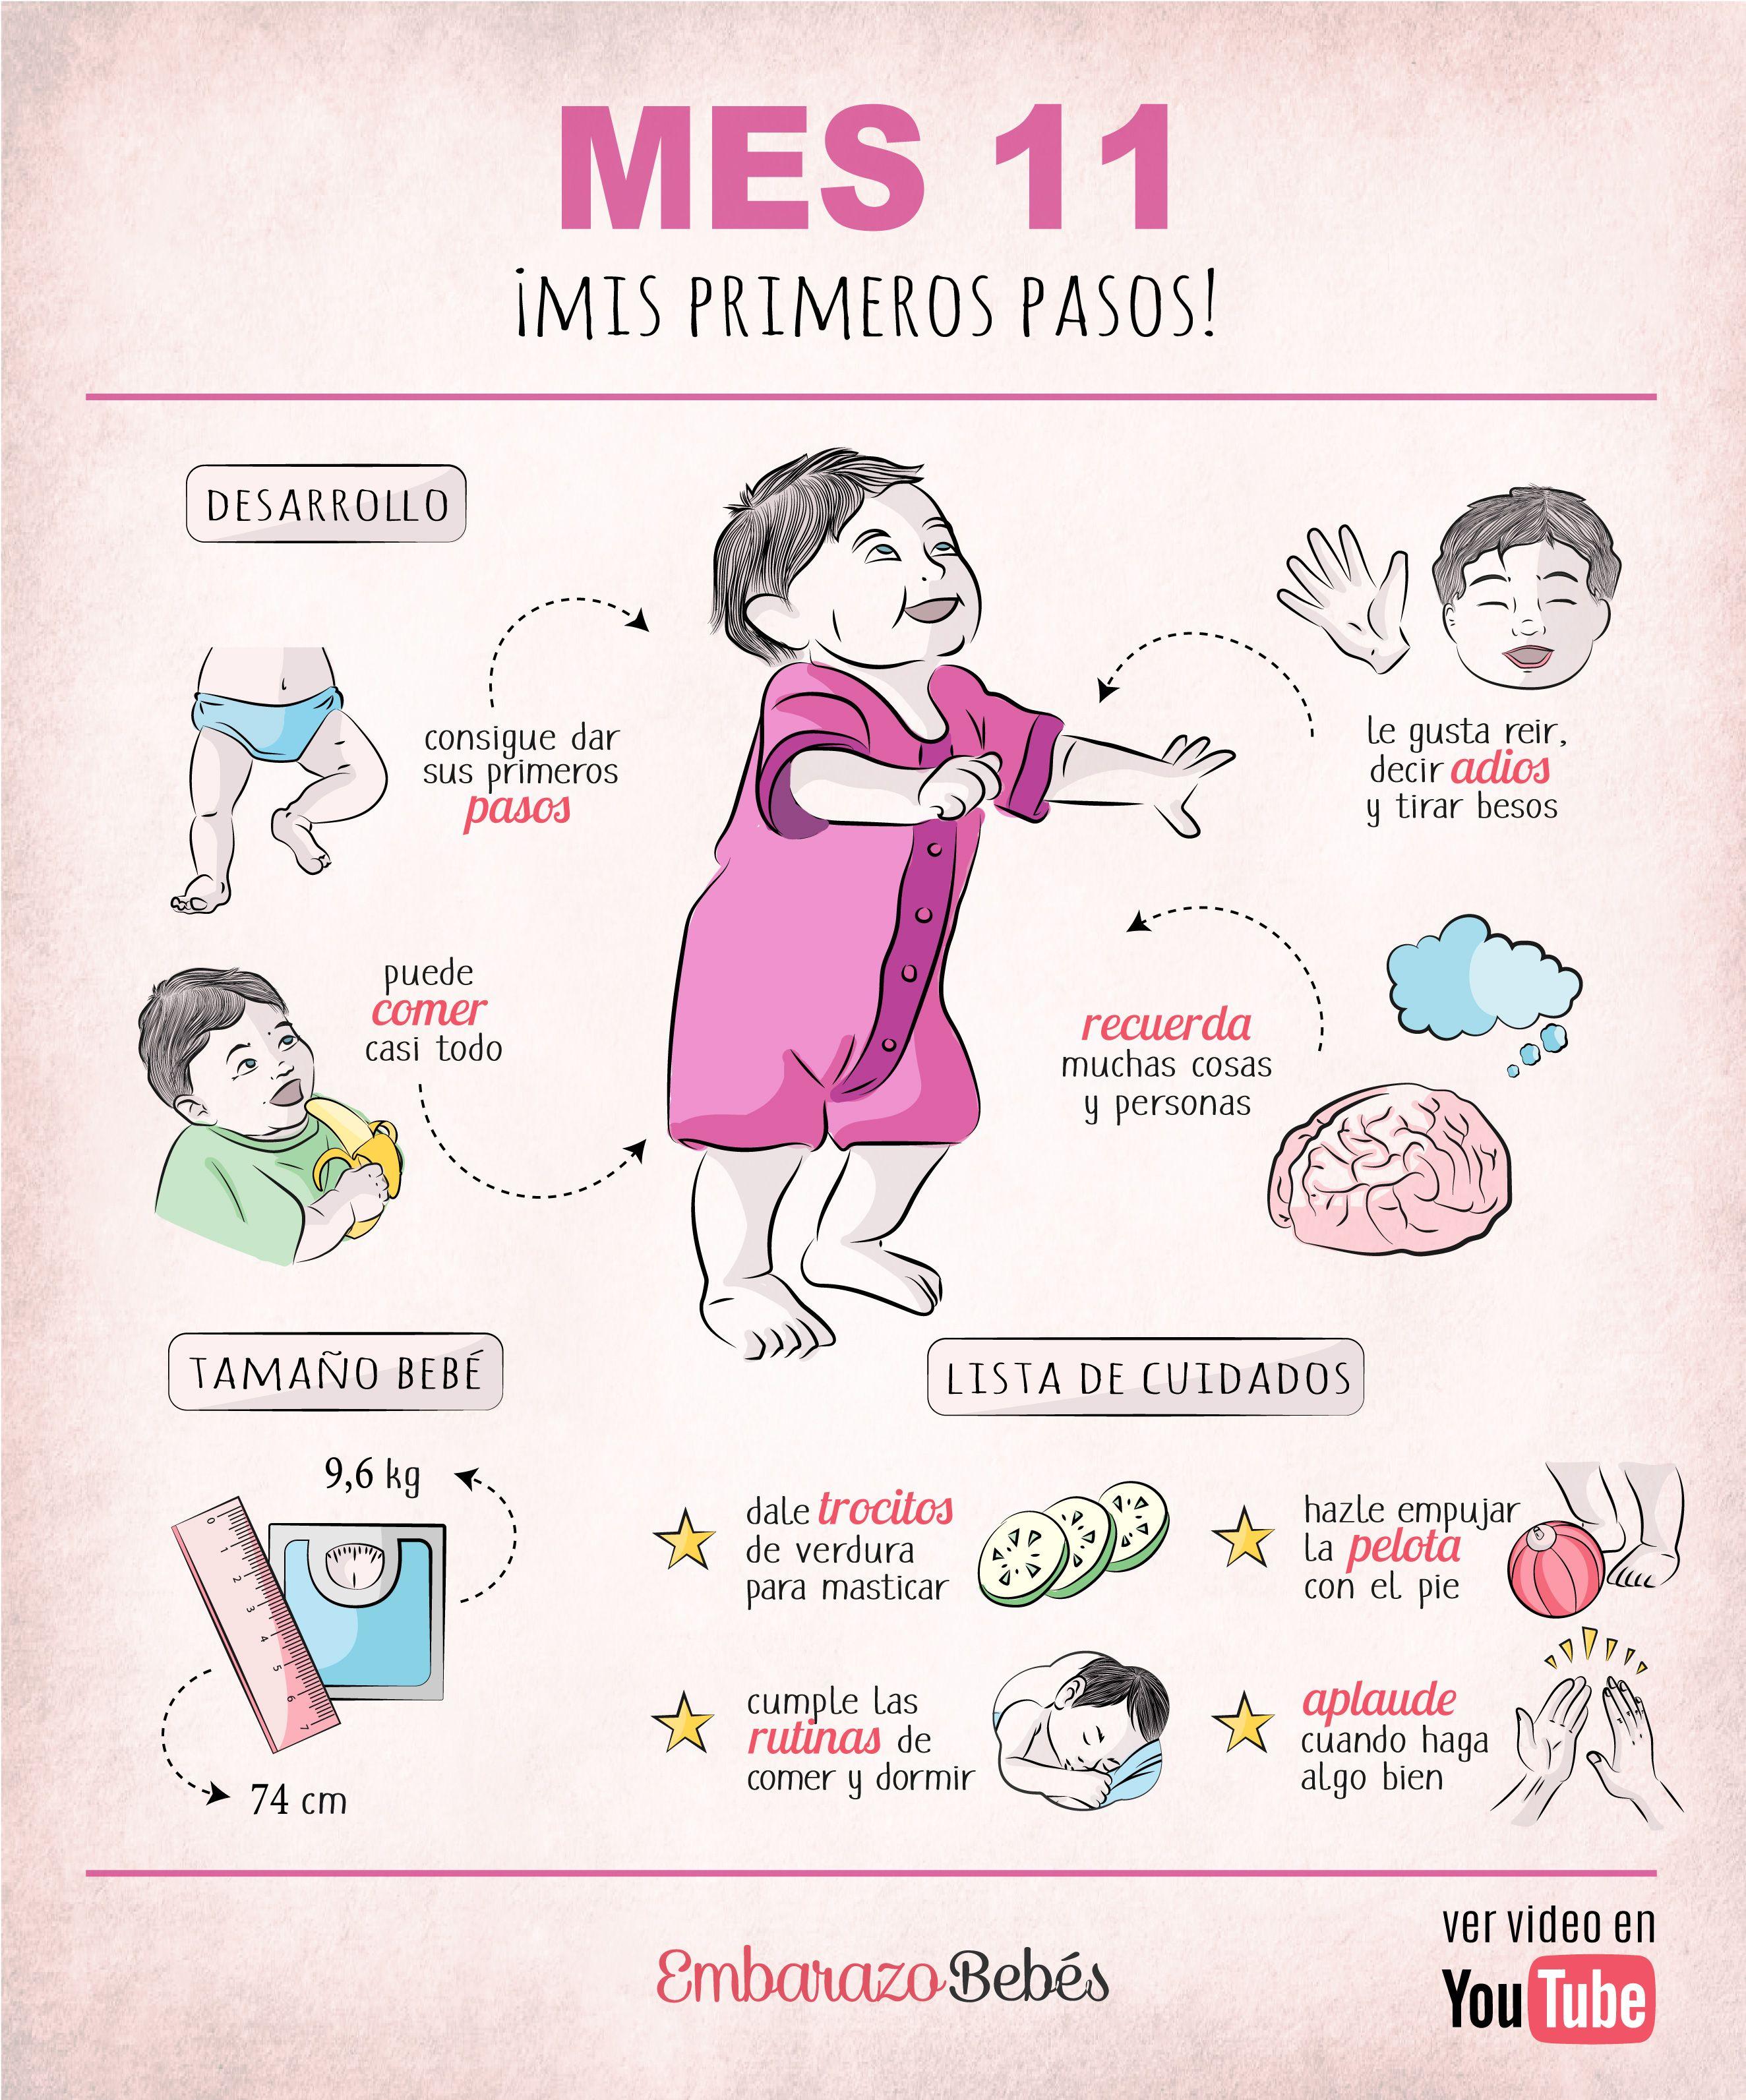 11 Meses Del Bebé Cuidados Y Desarrollo Calendario Del Bebé En 2020 Bebe Calendario De Bebes Trucos Bebé